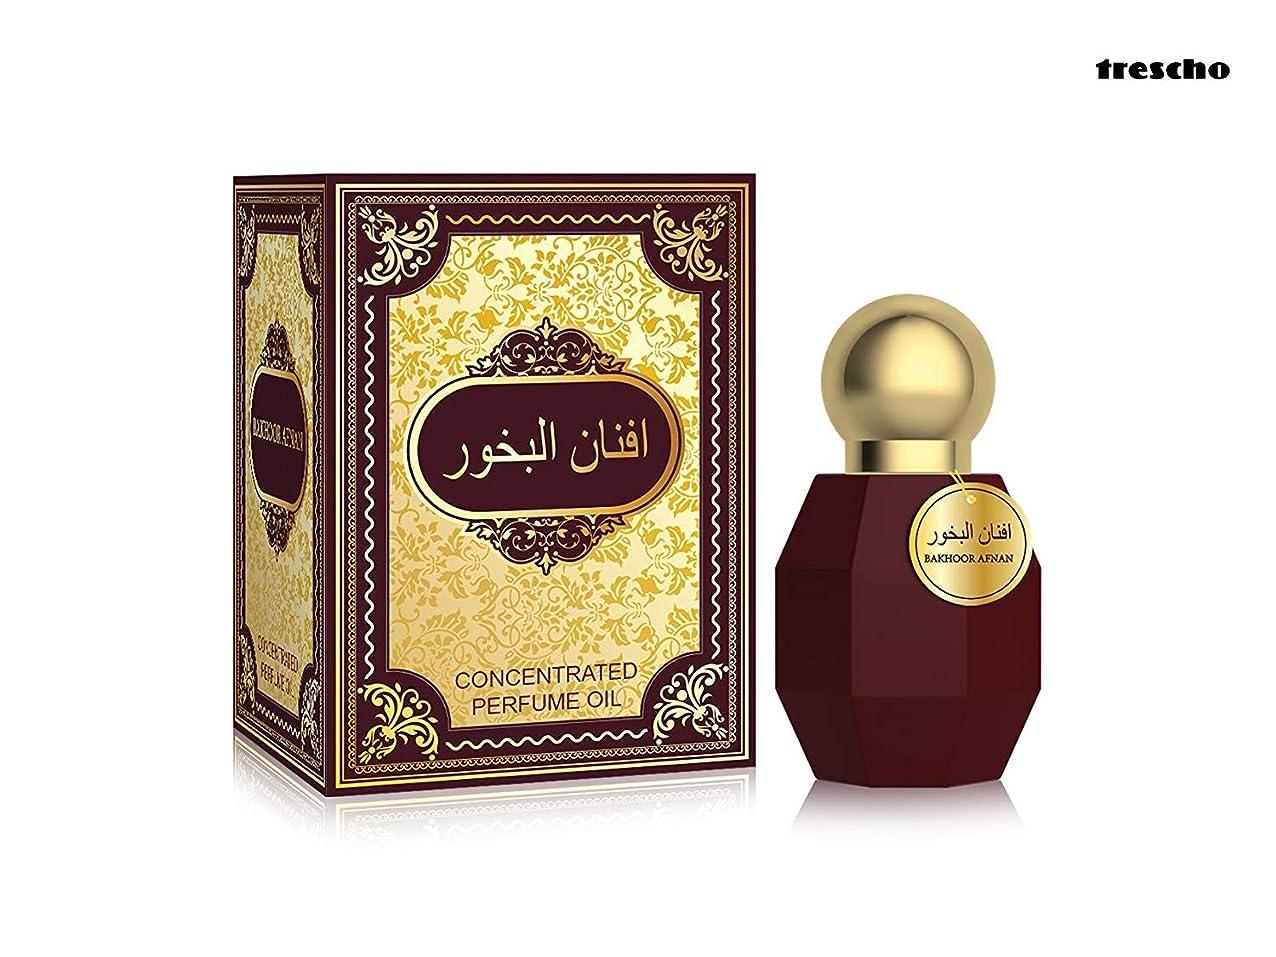 難民成功哲学香水Bakhoor Afnanアター(Ittar)で20ミリリットルロール アターITRA最高品質の香水長持ちアタースプレー